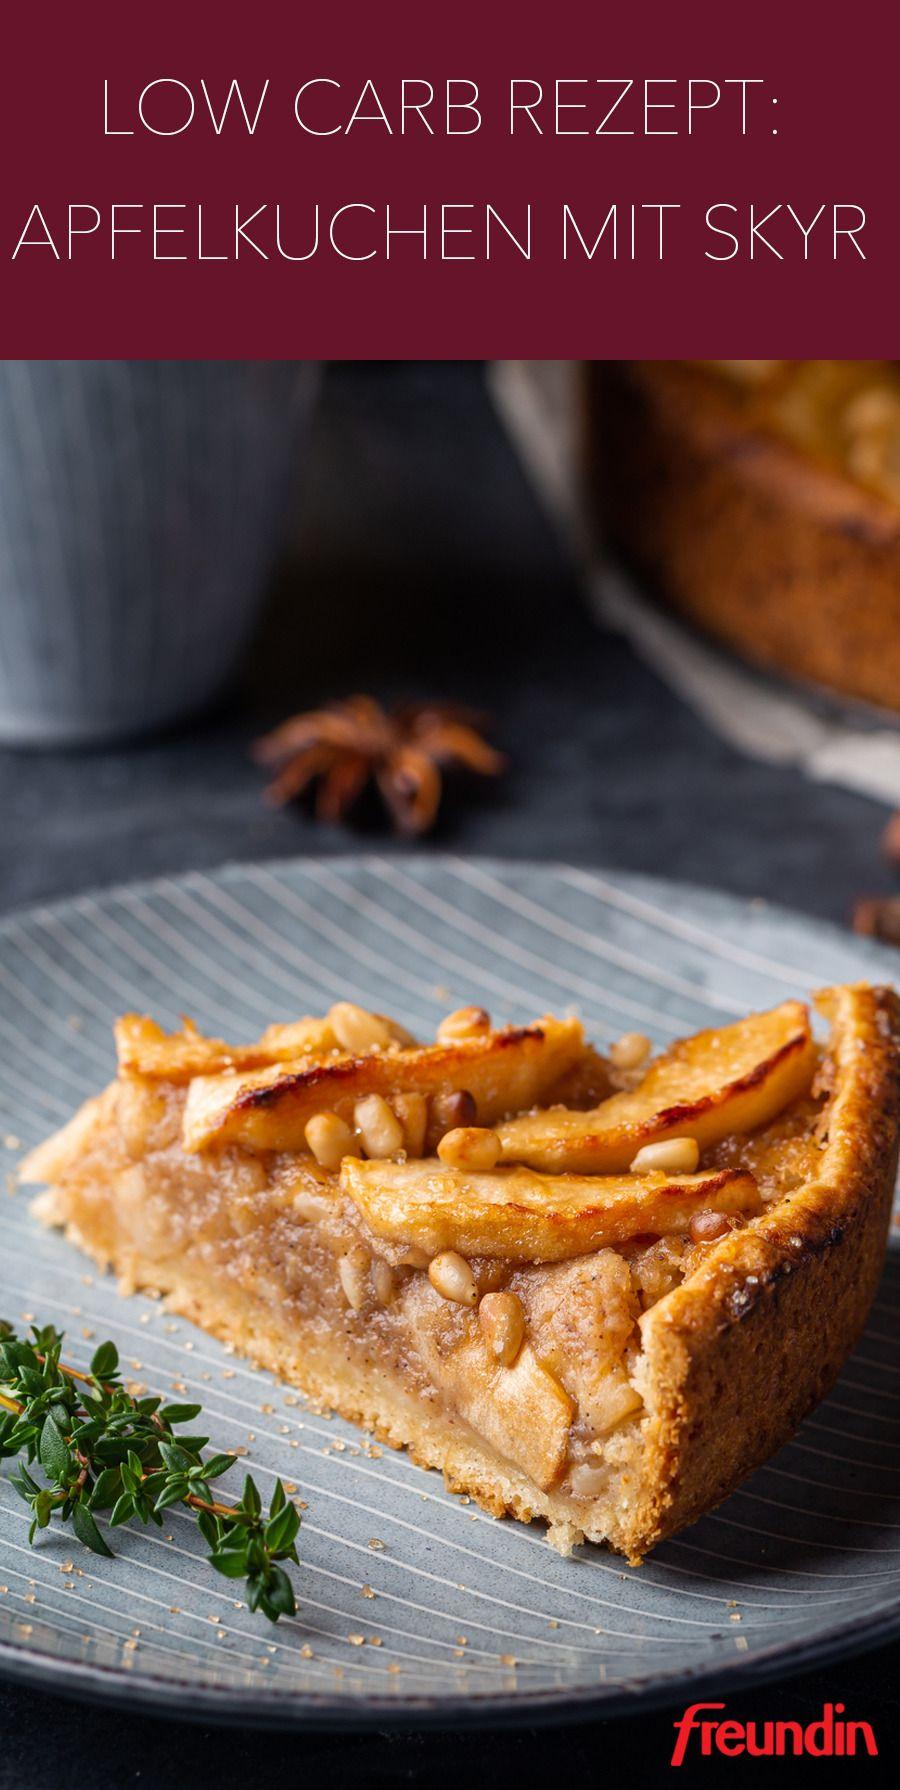 Low-Carb-Rezept: Köstlicher Skyr-Apfelkuchen | freundin.de